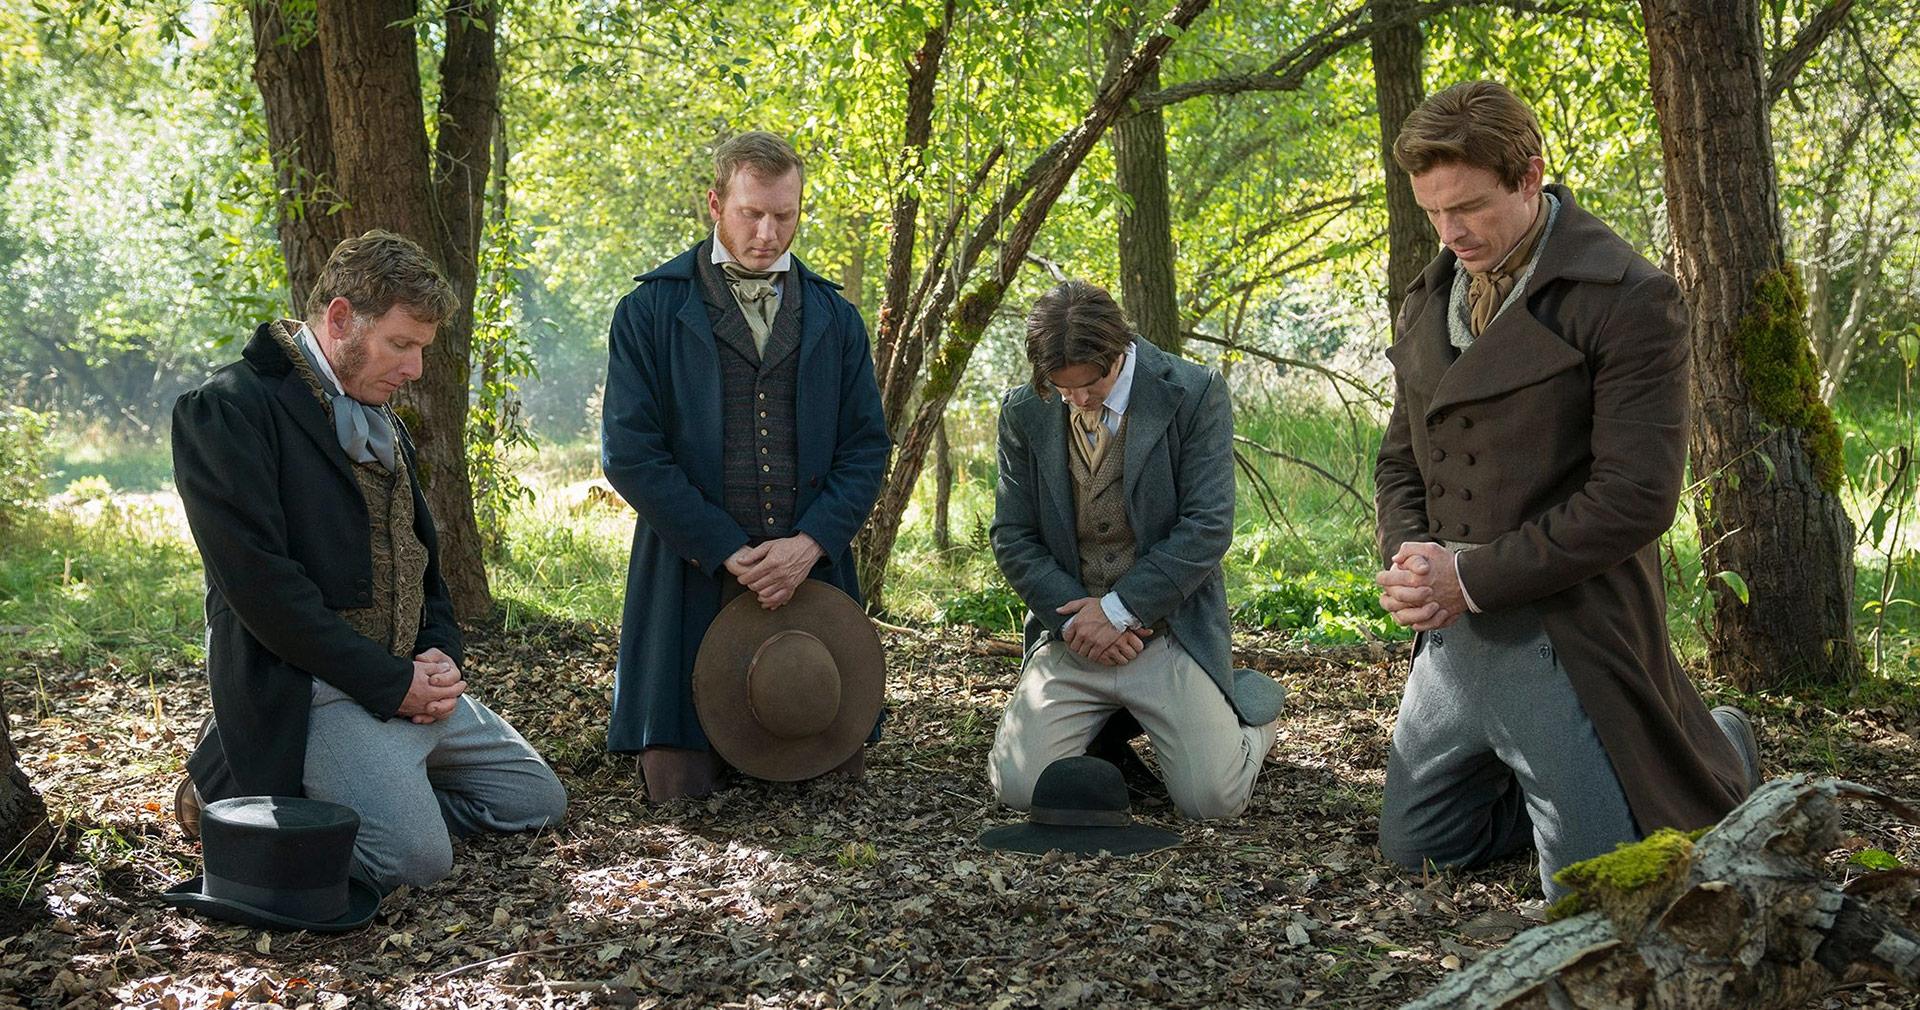 Joseph prays with the Three Witnesses. Image via Church of Jesus Christ.